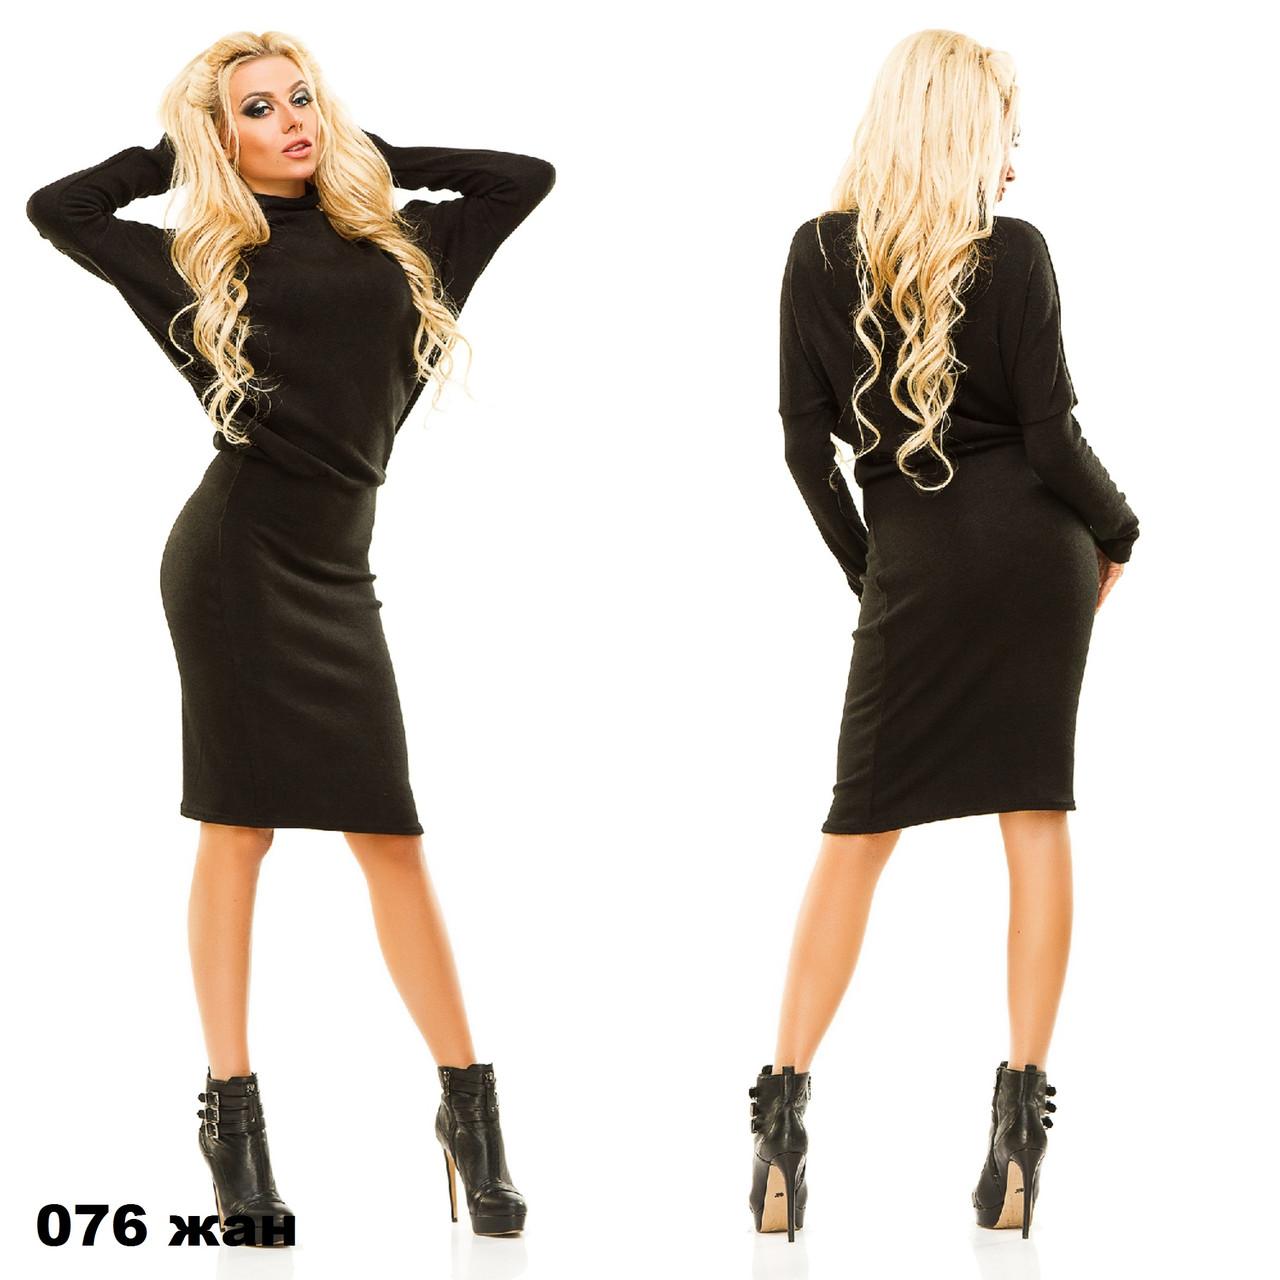 Женское платье ангоровое с напуском (42-46) 076 жан